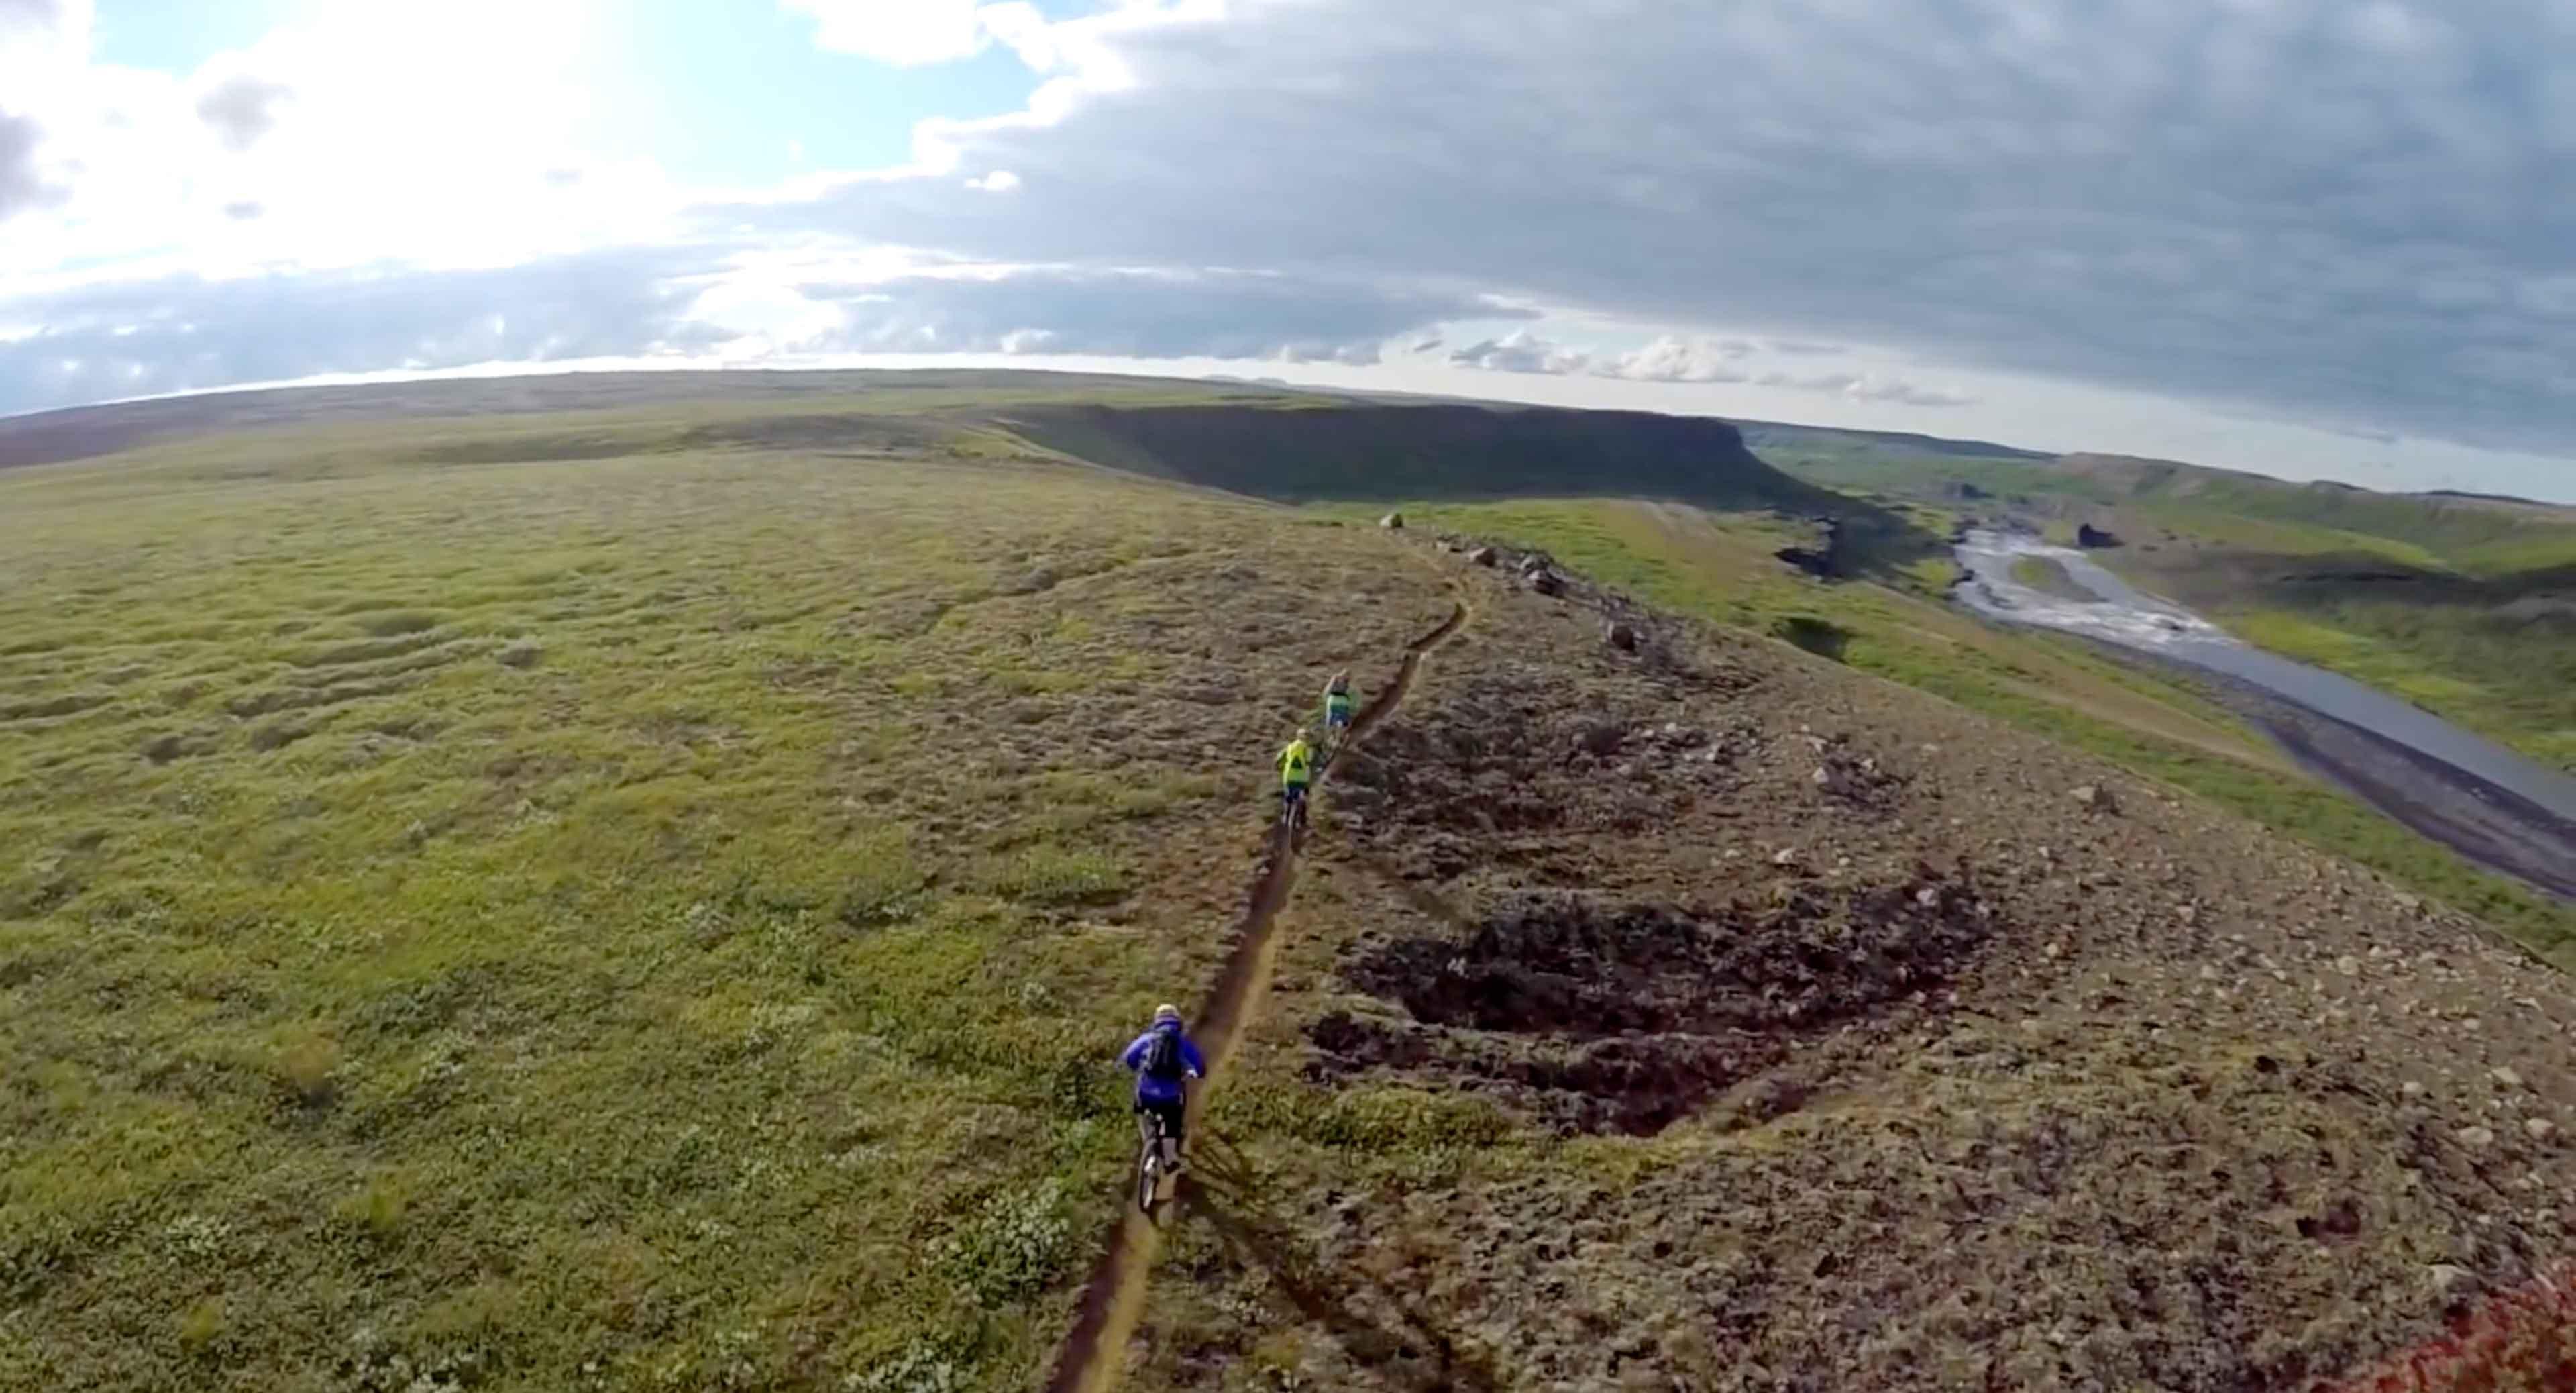 Prachtig uitzicht op Ijslandmet mountainbikers die over een trail rijden